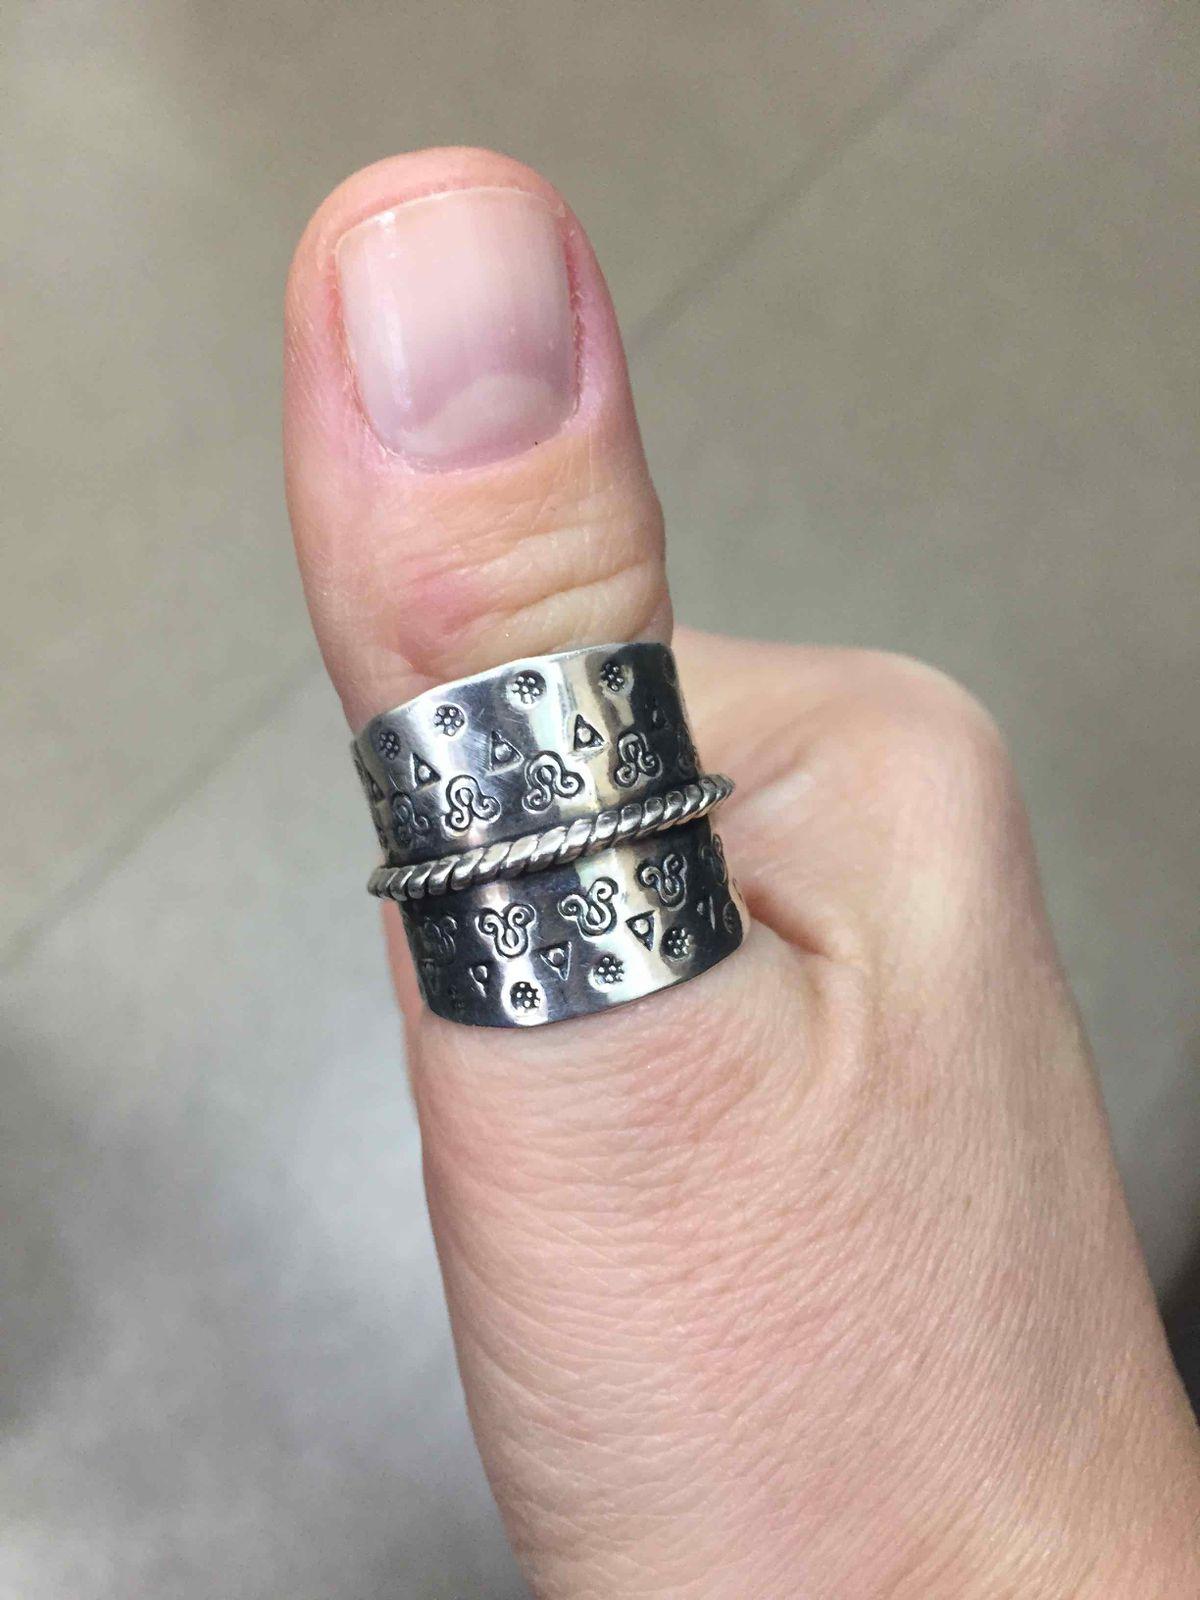 Кольцо просто супер! очень не обячное и стильное!